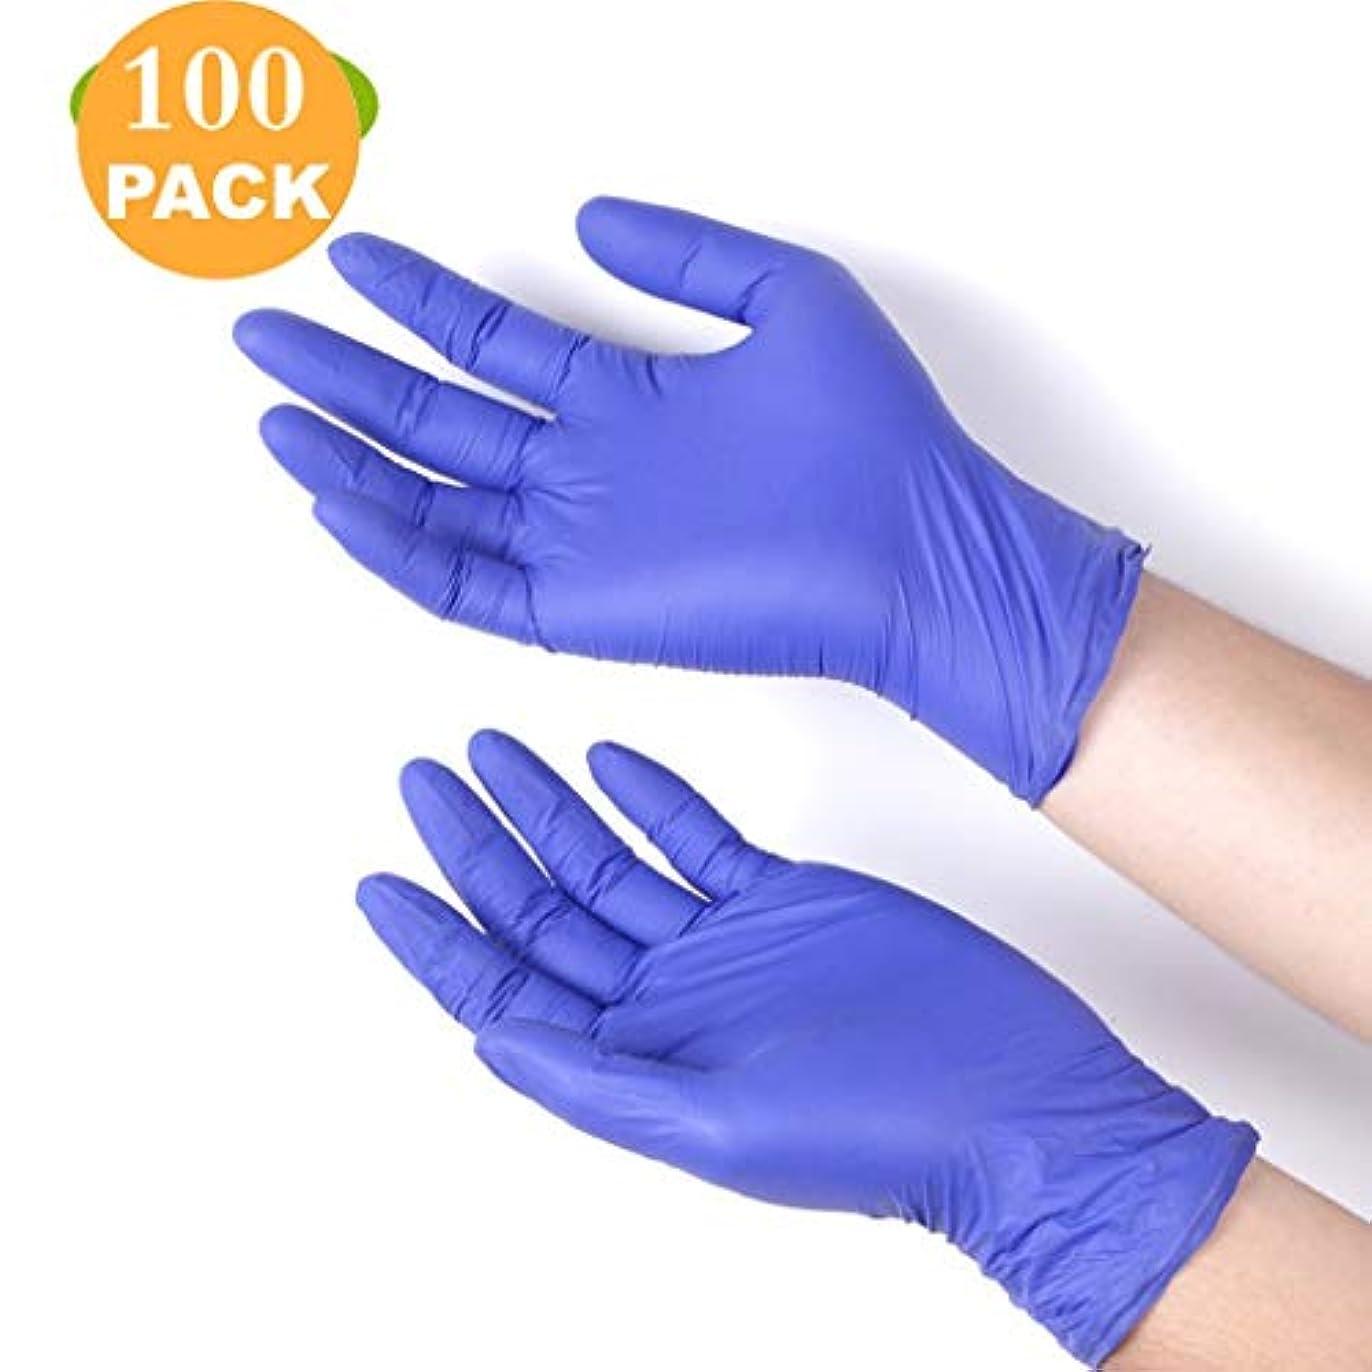 凍結簡単に厚くするニトリル手袋 - 5ミル、厚み付け、工業用、使い捨てのクリーニング手袋、100のパッケージ (Color : Blue, Size : S)